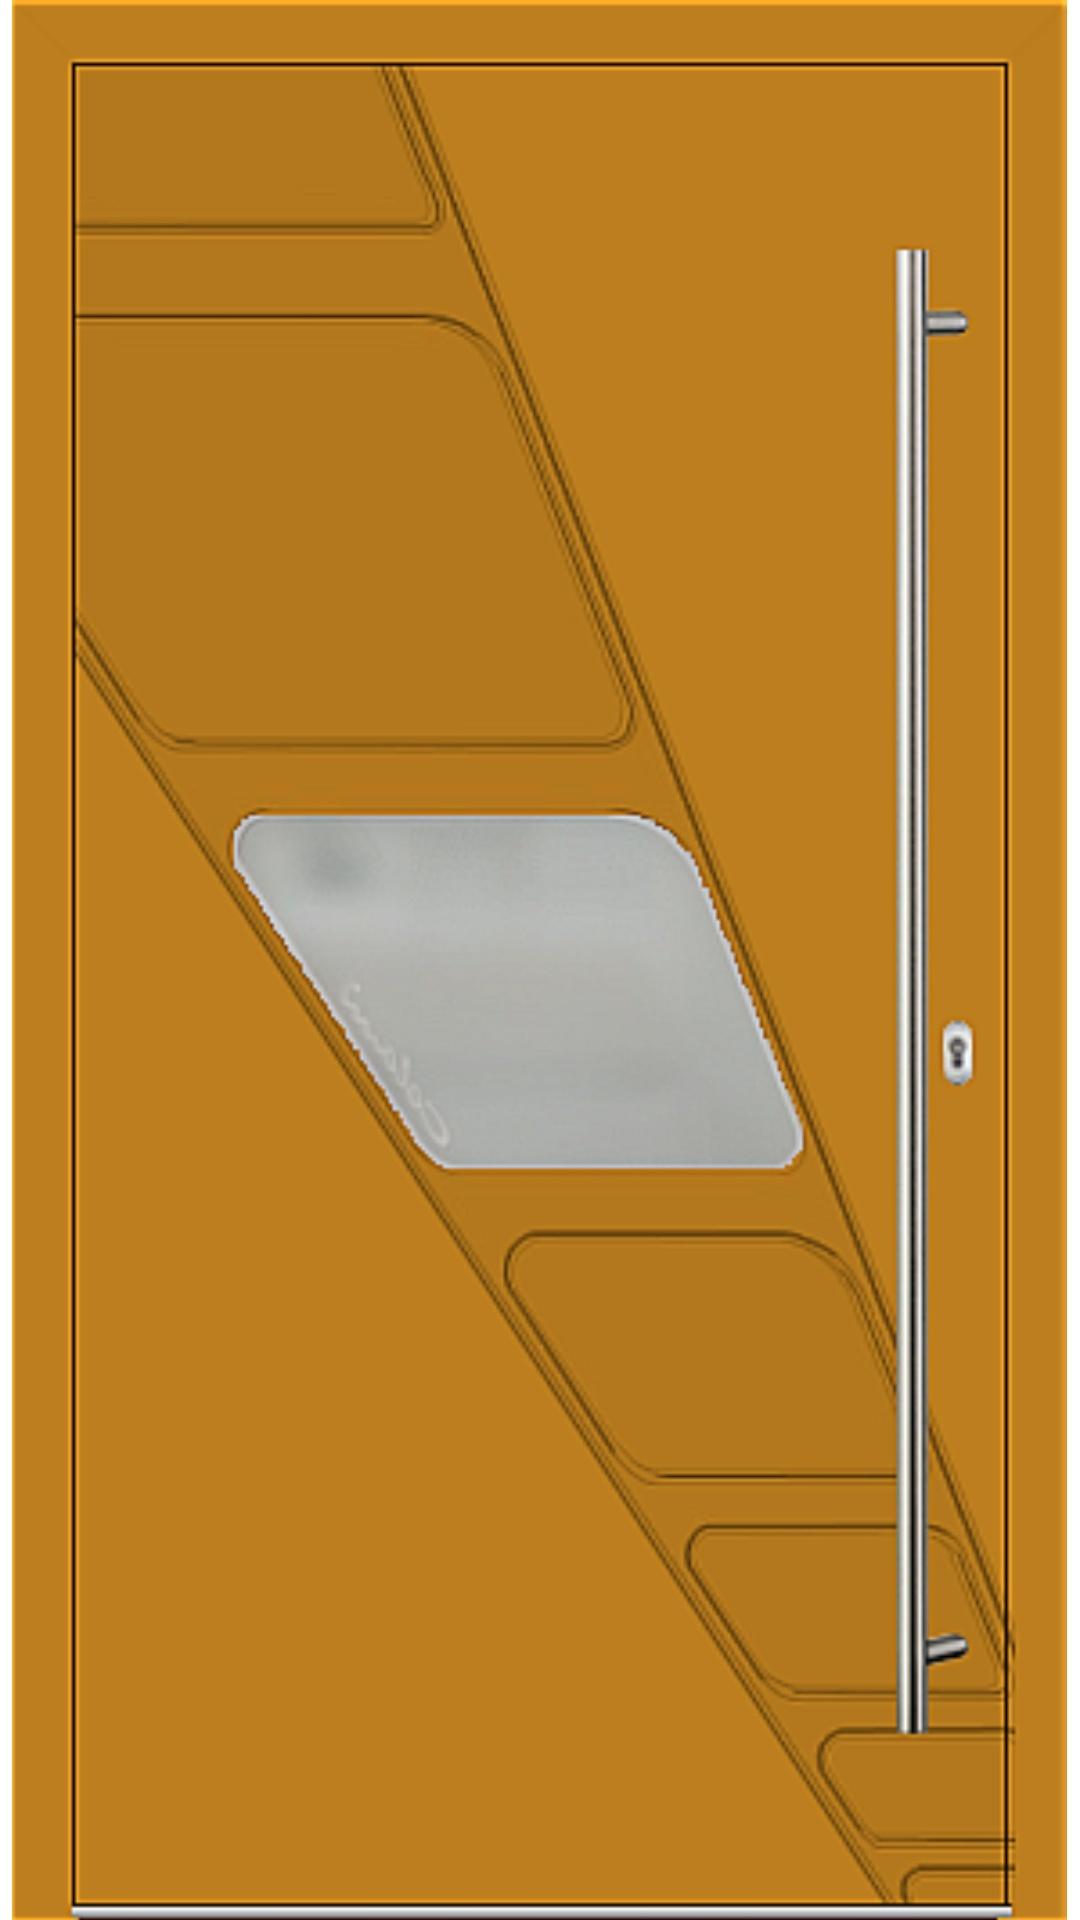 Holz-Alu Haustür Modell 66535 honiggelb